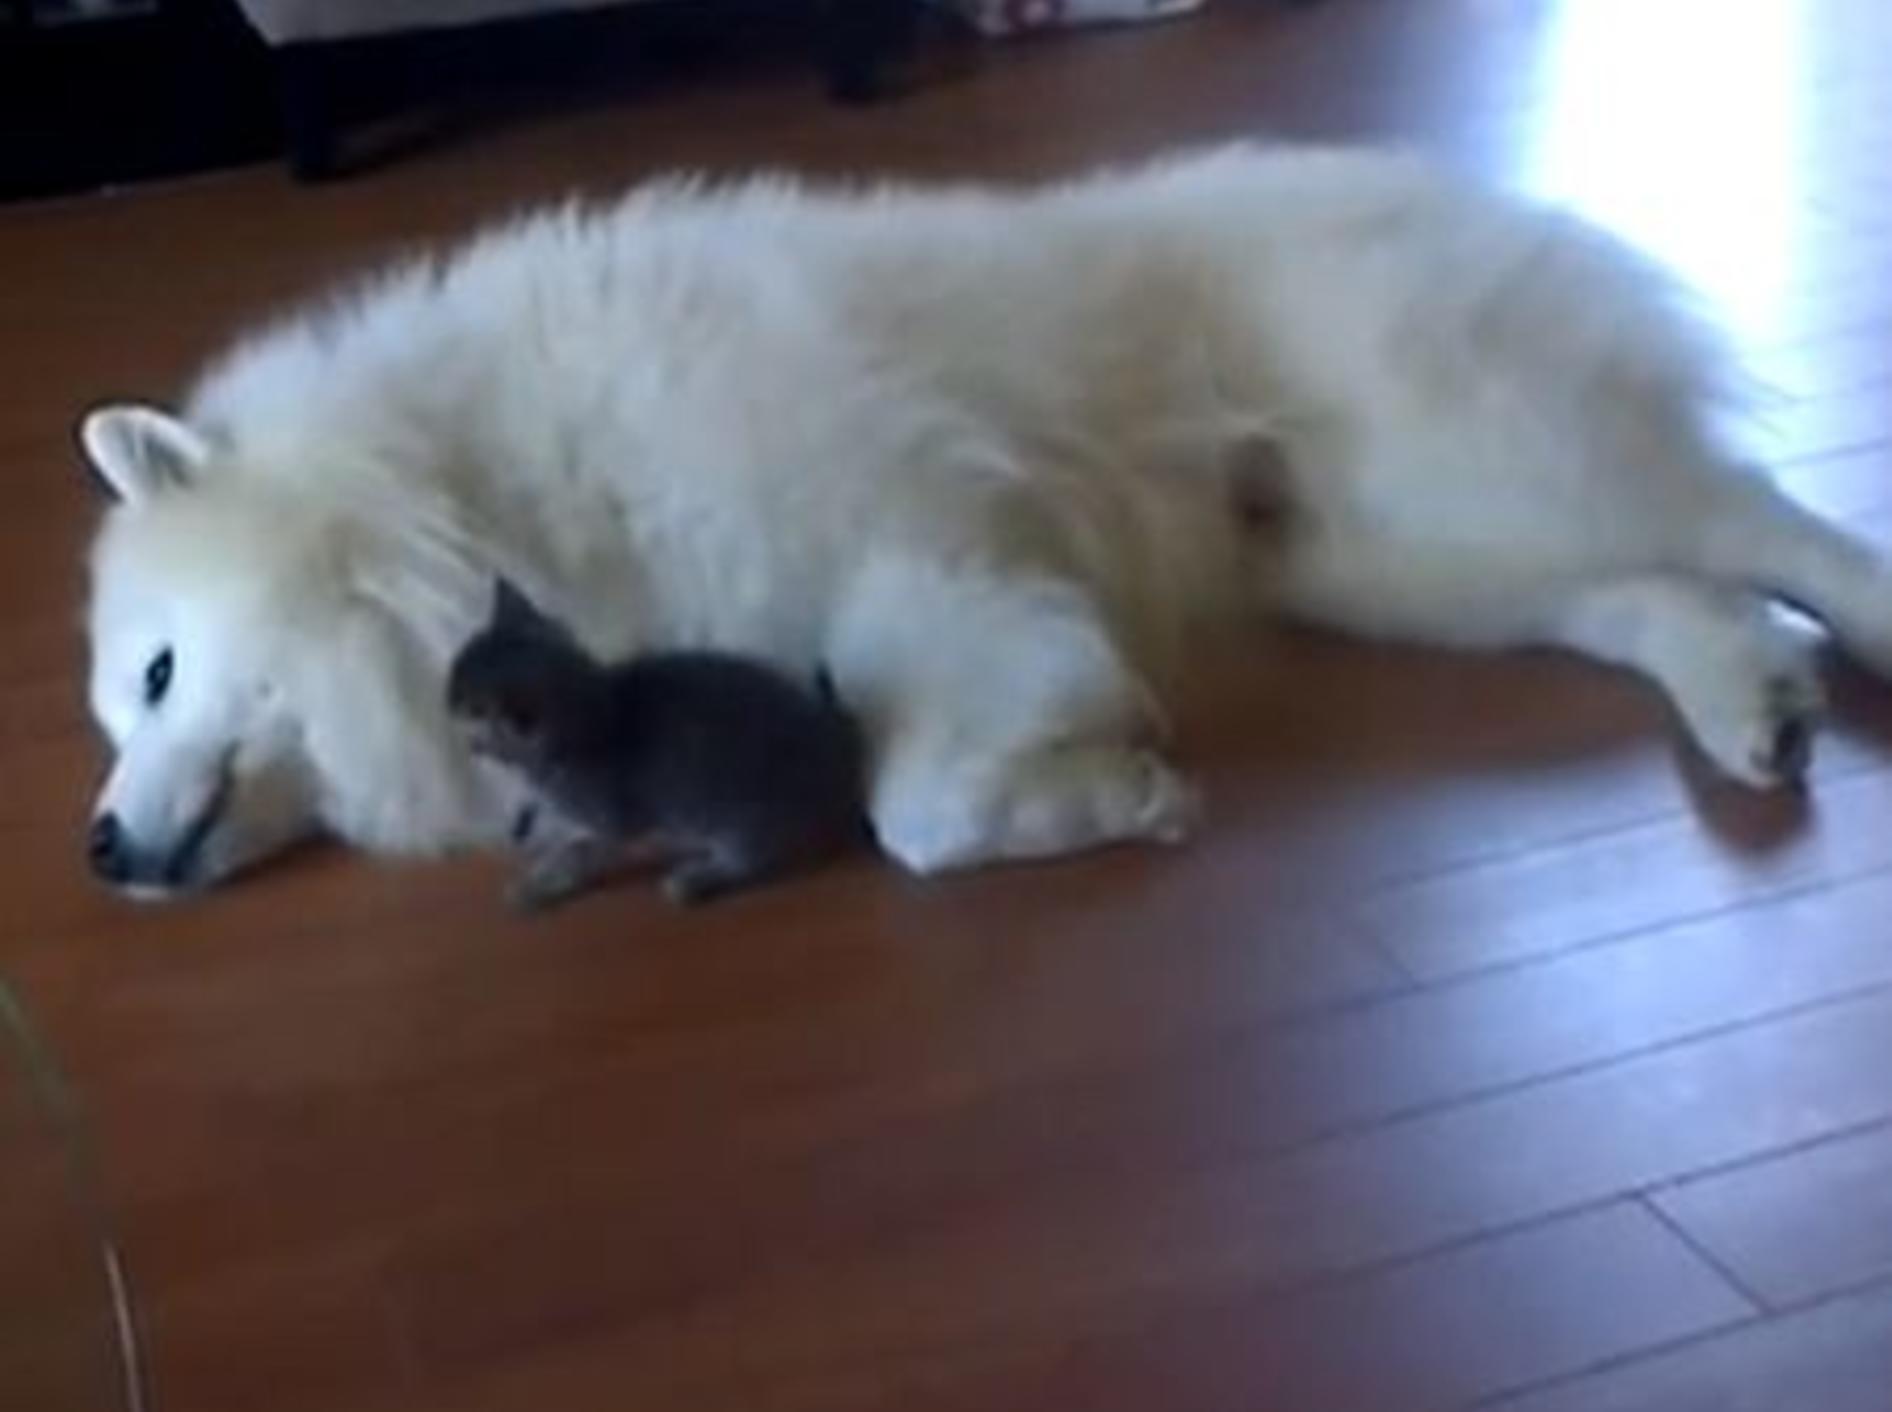 Groß und klein sind beste Freude: Samojede Vidor und das minikleine Katzenbaby – Bild: Youtube / Jessica Lamb•